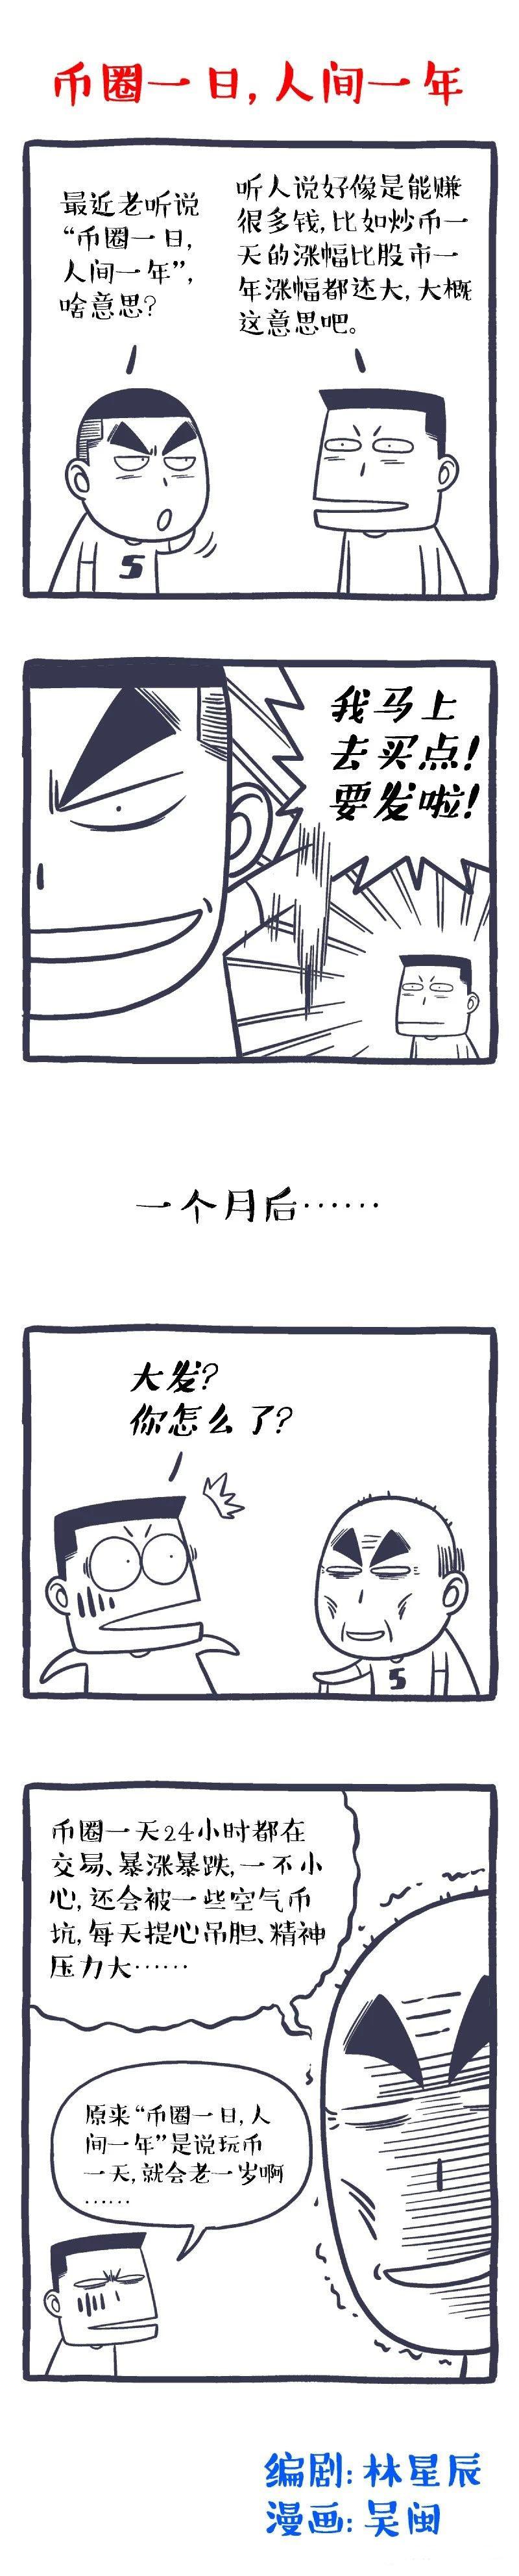 牛大发漫画